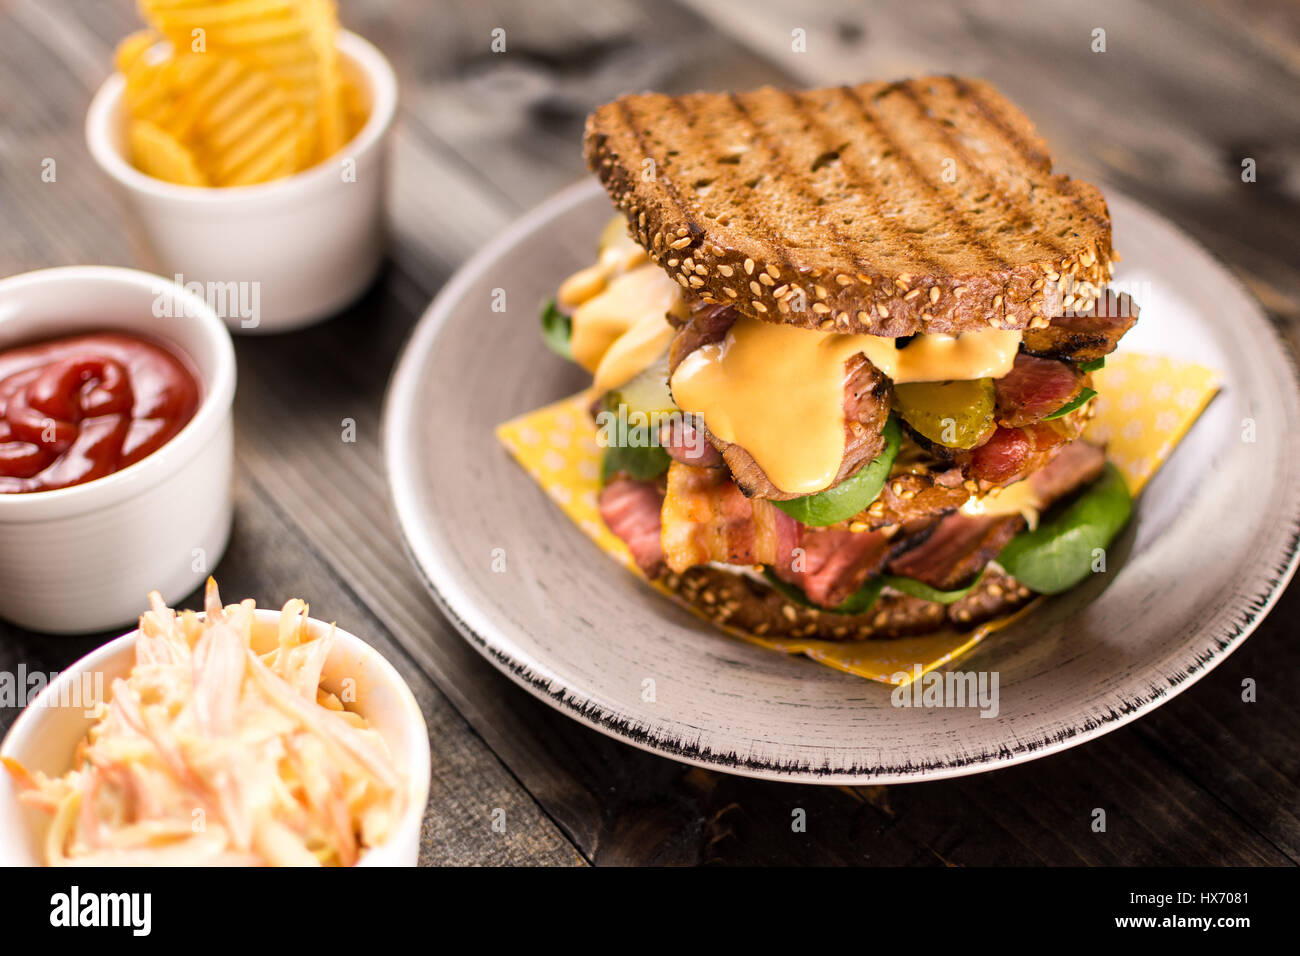 Gros Sandwich fait maison avec un rôti de Bœuf, Bacon, cornichons, bébés épinards et vinaigrette Coleslaw dans du Banque D'Images